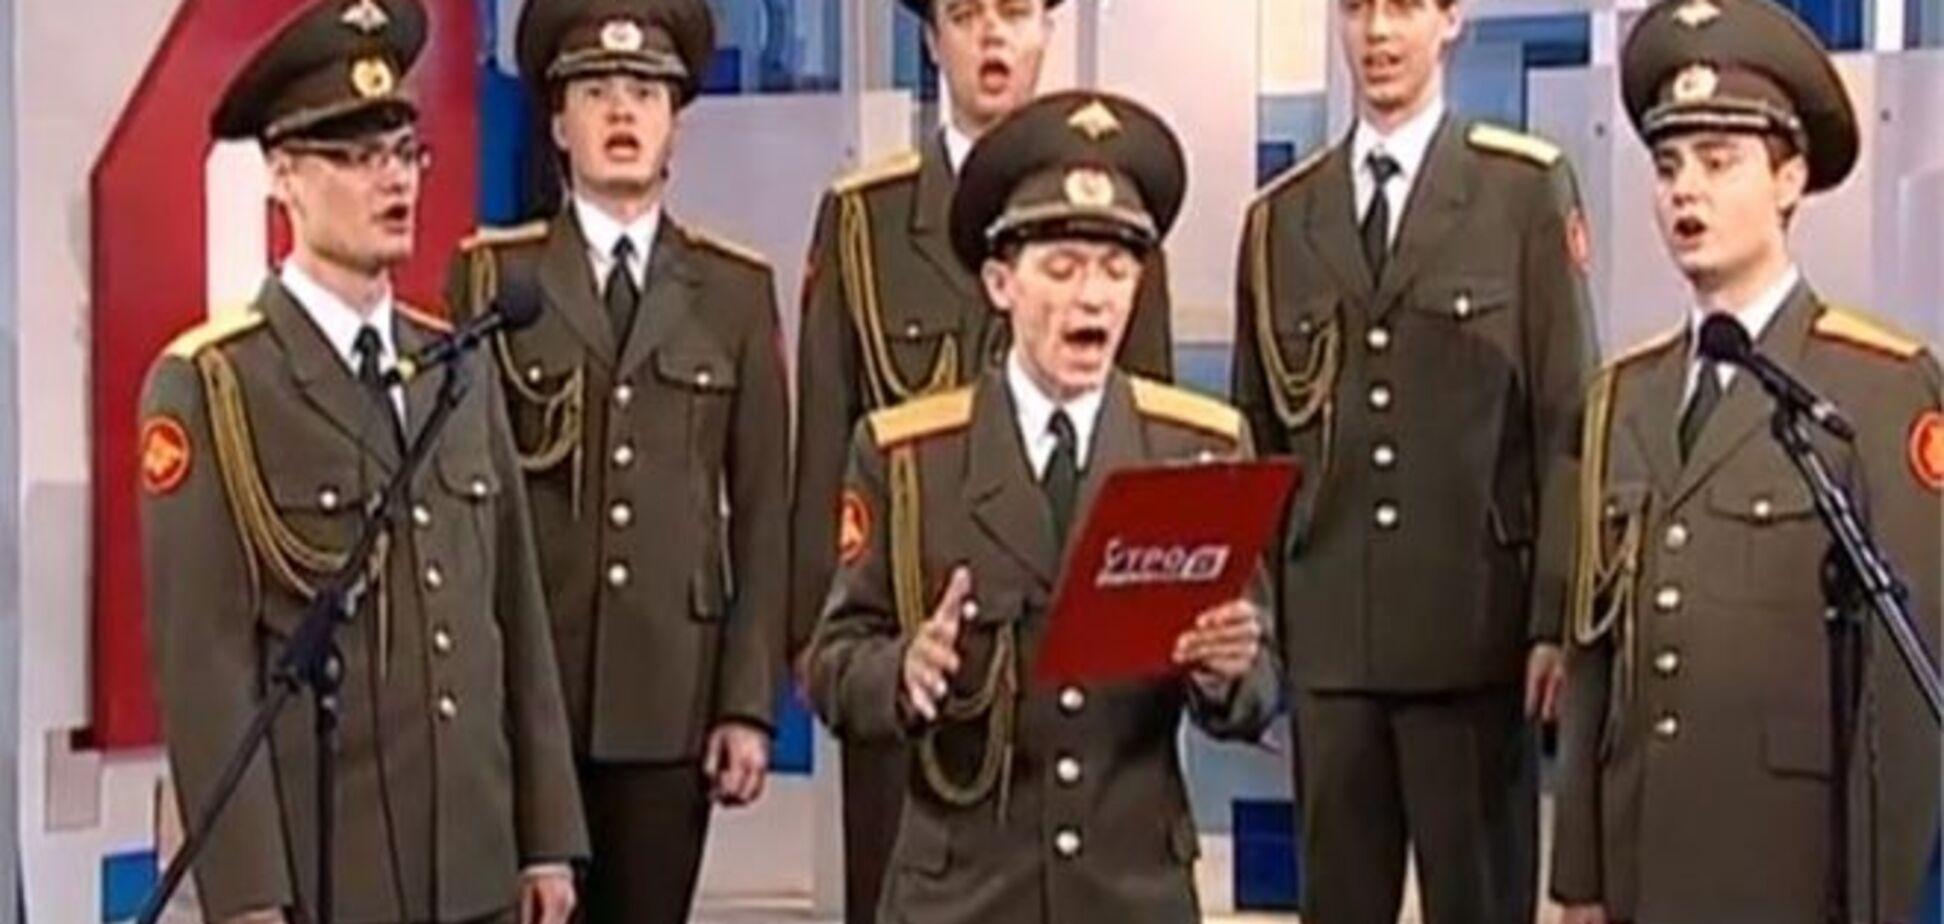 Российская армия покорила мир песней 'Skyfall'